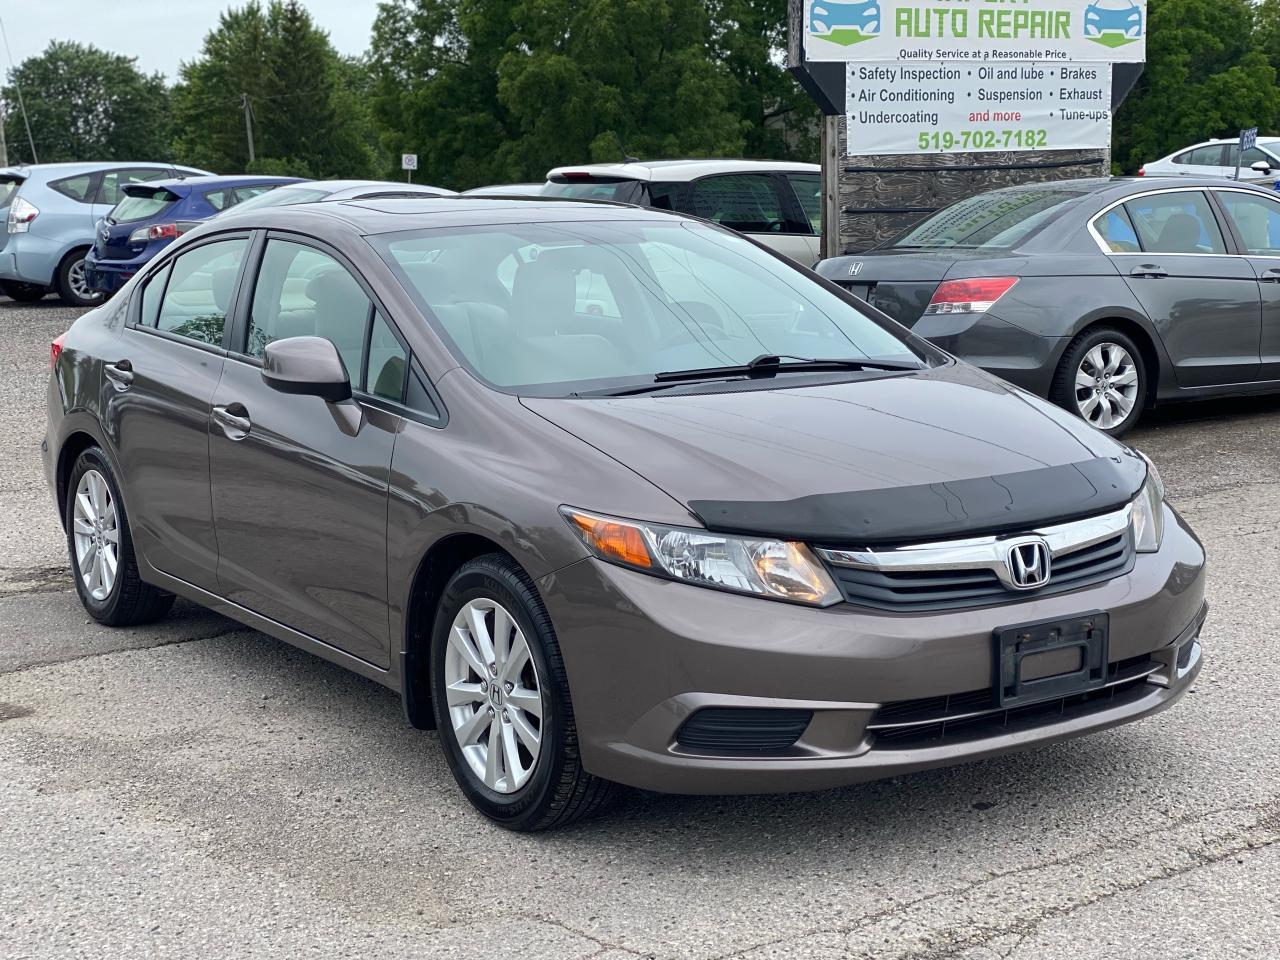 2012 Honda Civic EX 2 SETS OF TIRES